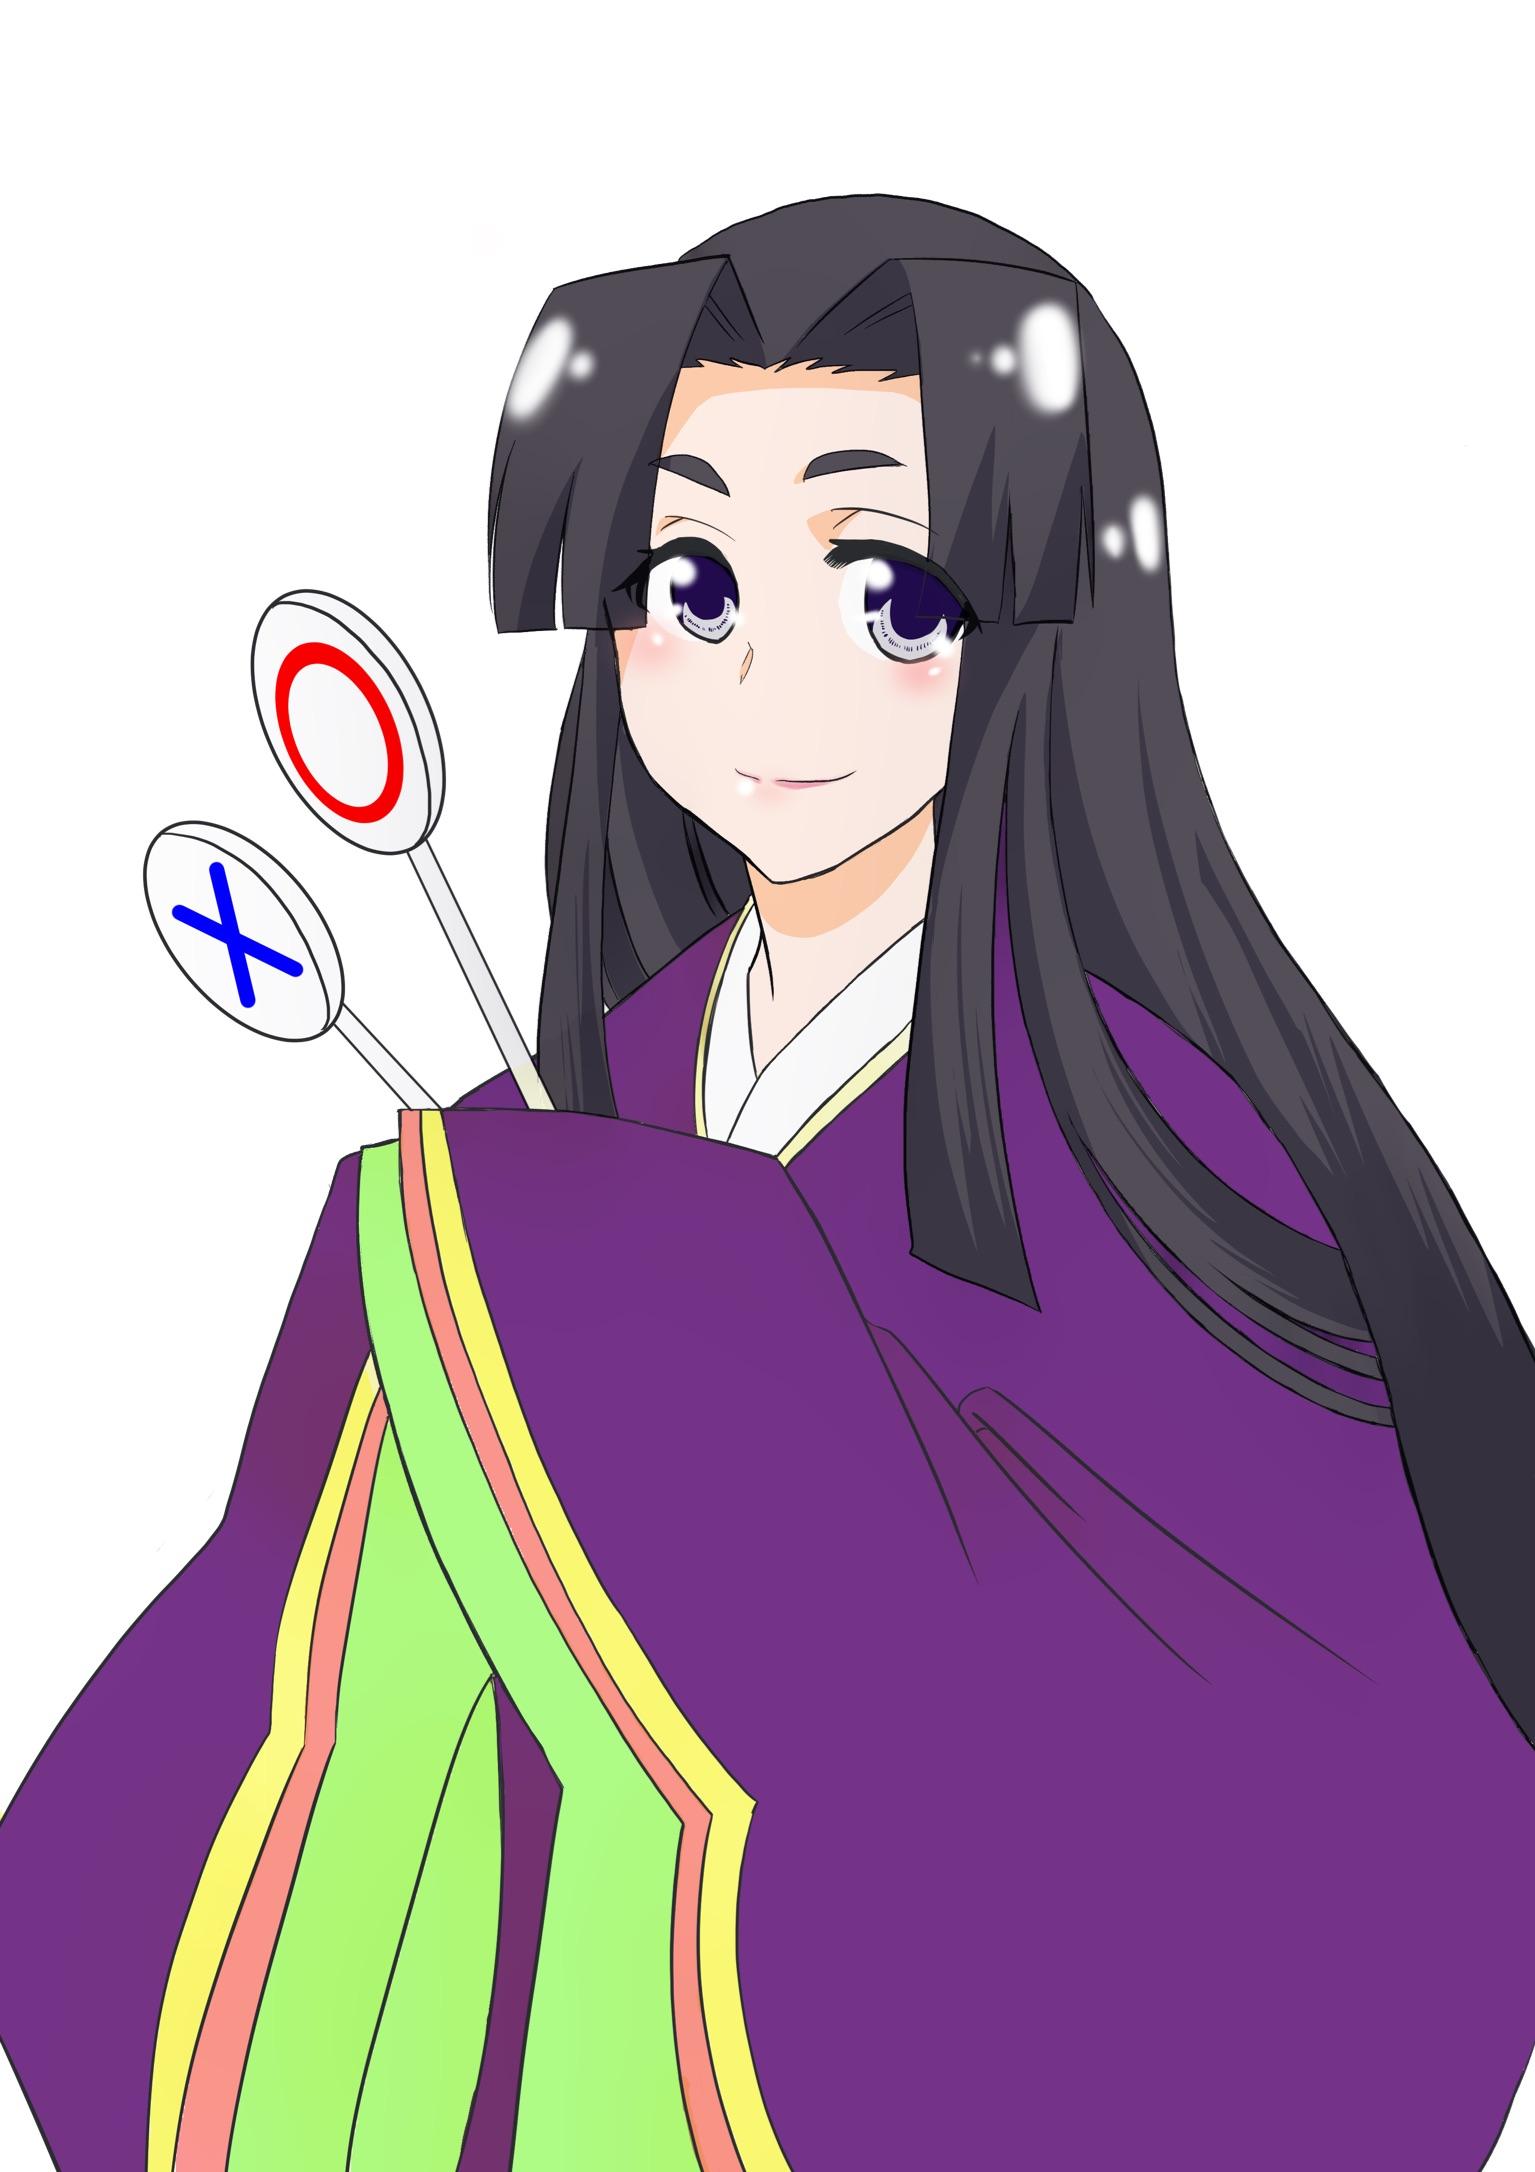 【婚活漫画】理想のお相手が訪れないかぐや姫